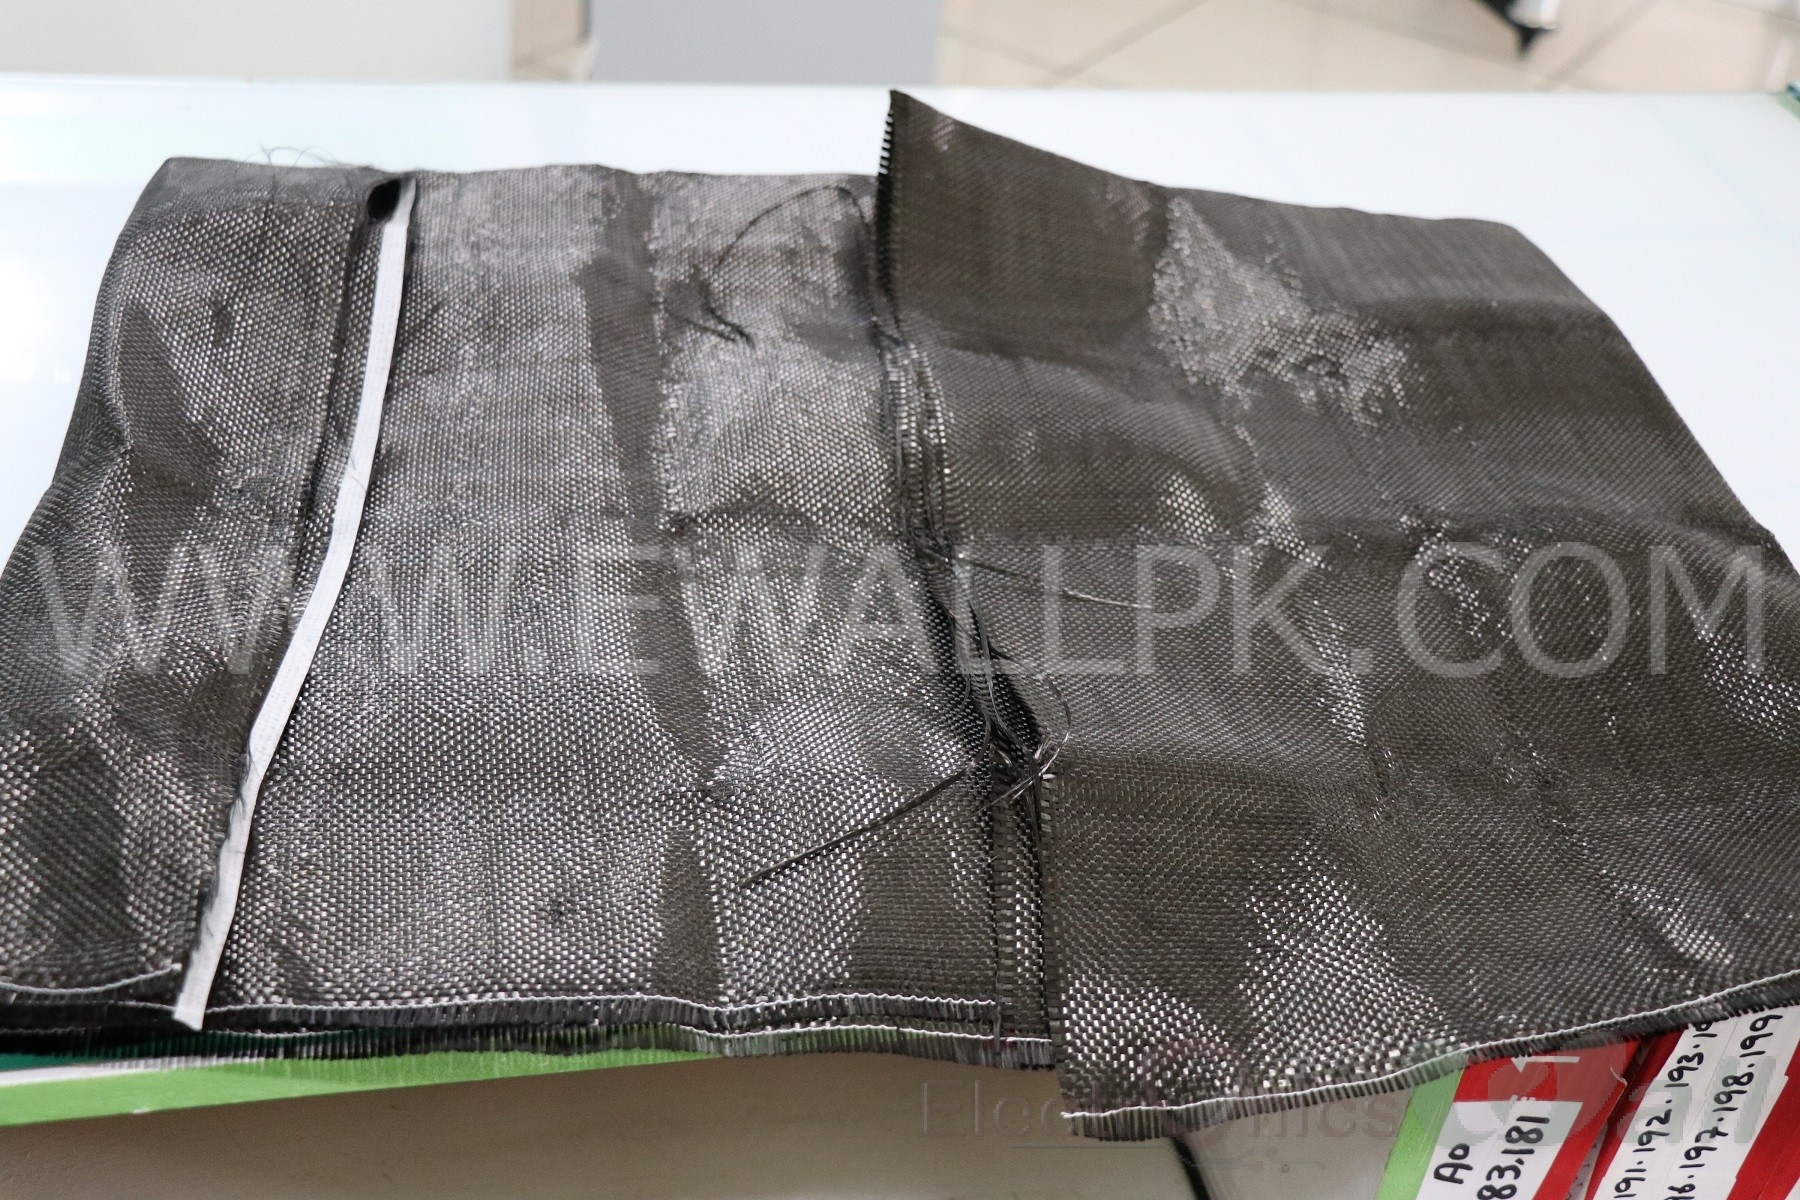 3K Plain Weave Carbon Fiber Cloth /Fabric (1mx1m)